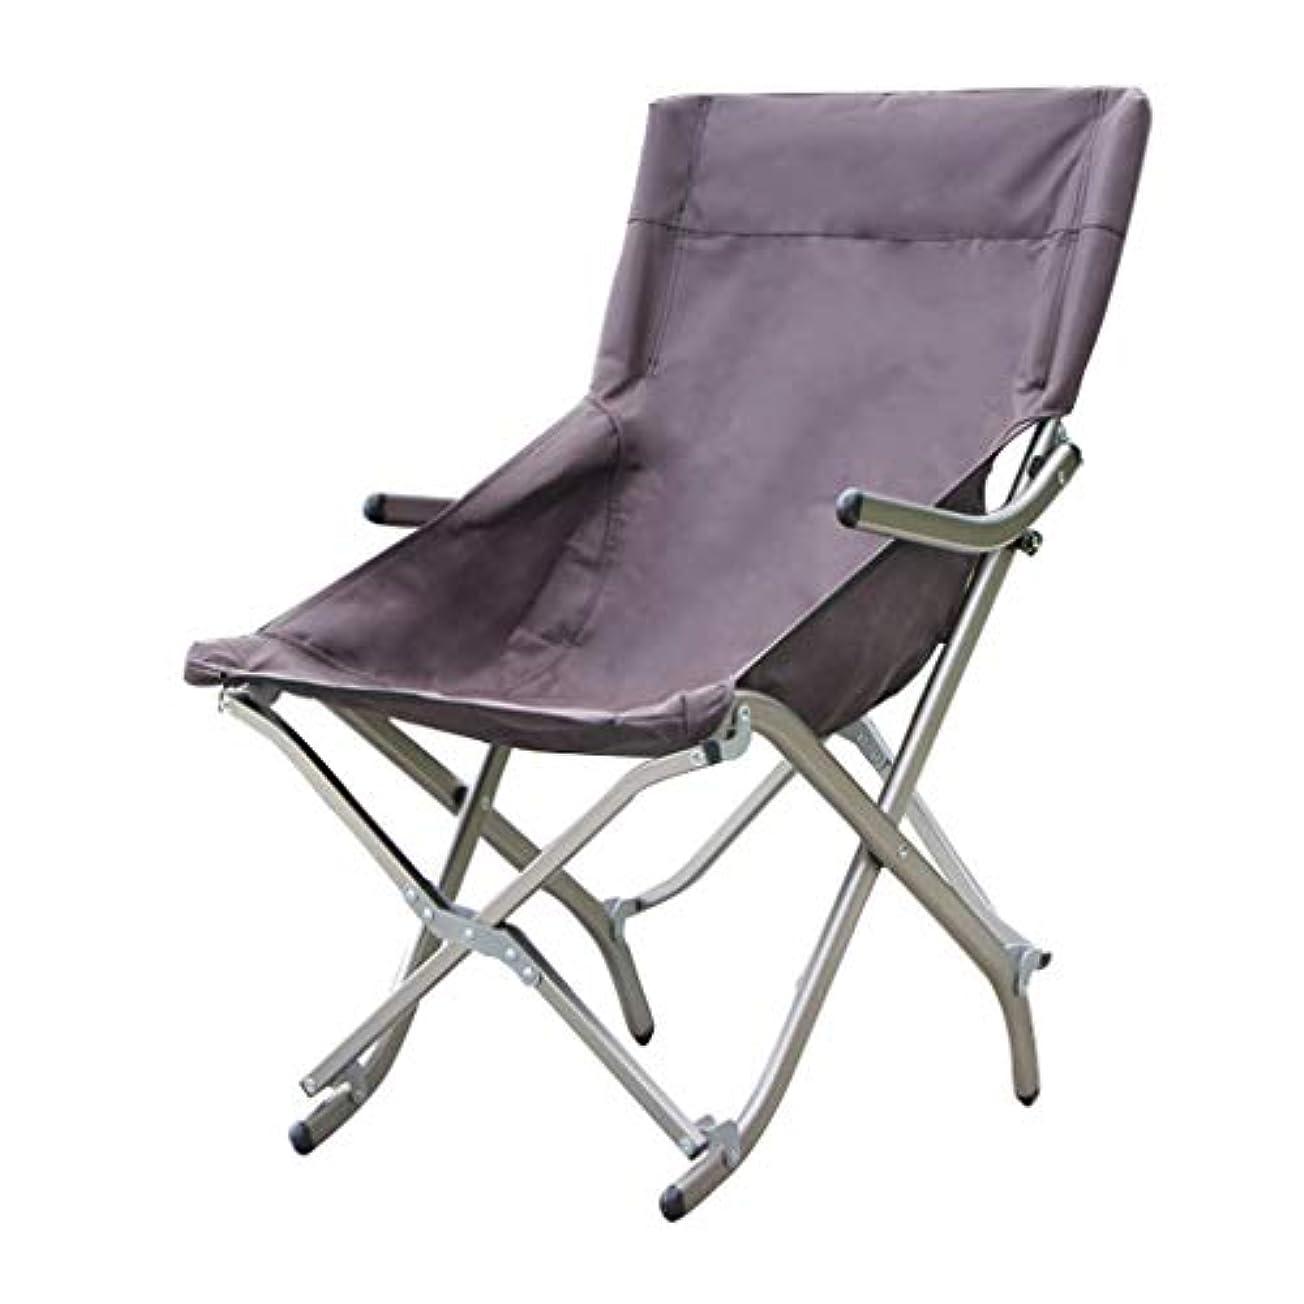 肘掛け椅子グレー本会議L- キャンプチェア、ハードアームレスト折りたたみキャンプスツールコンパクトポータブルスツールスラックスチェア、屋外、バーベキュー、ハイキング、ピクニック、釣り、フェスティバル ポータブルで丈夫